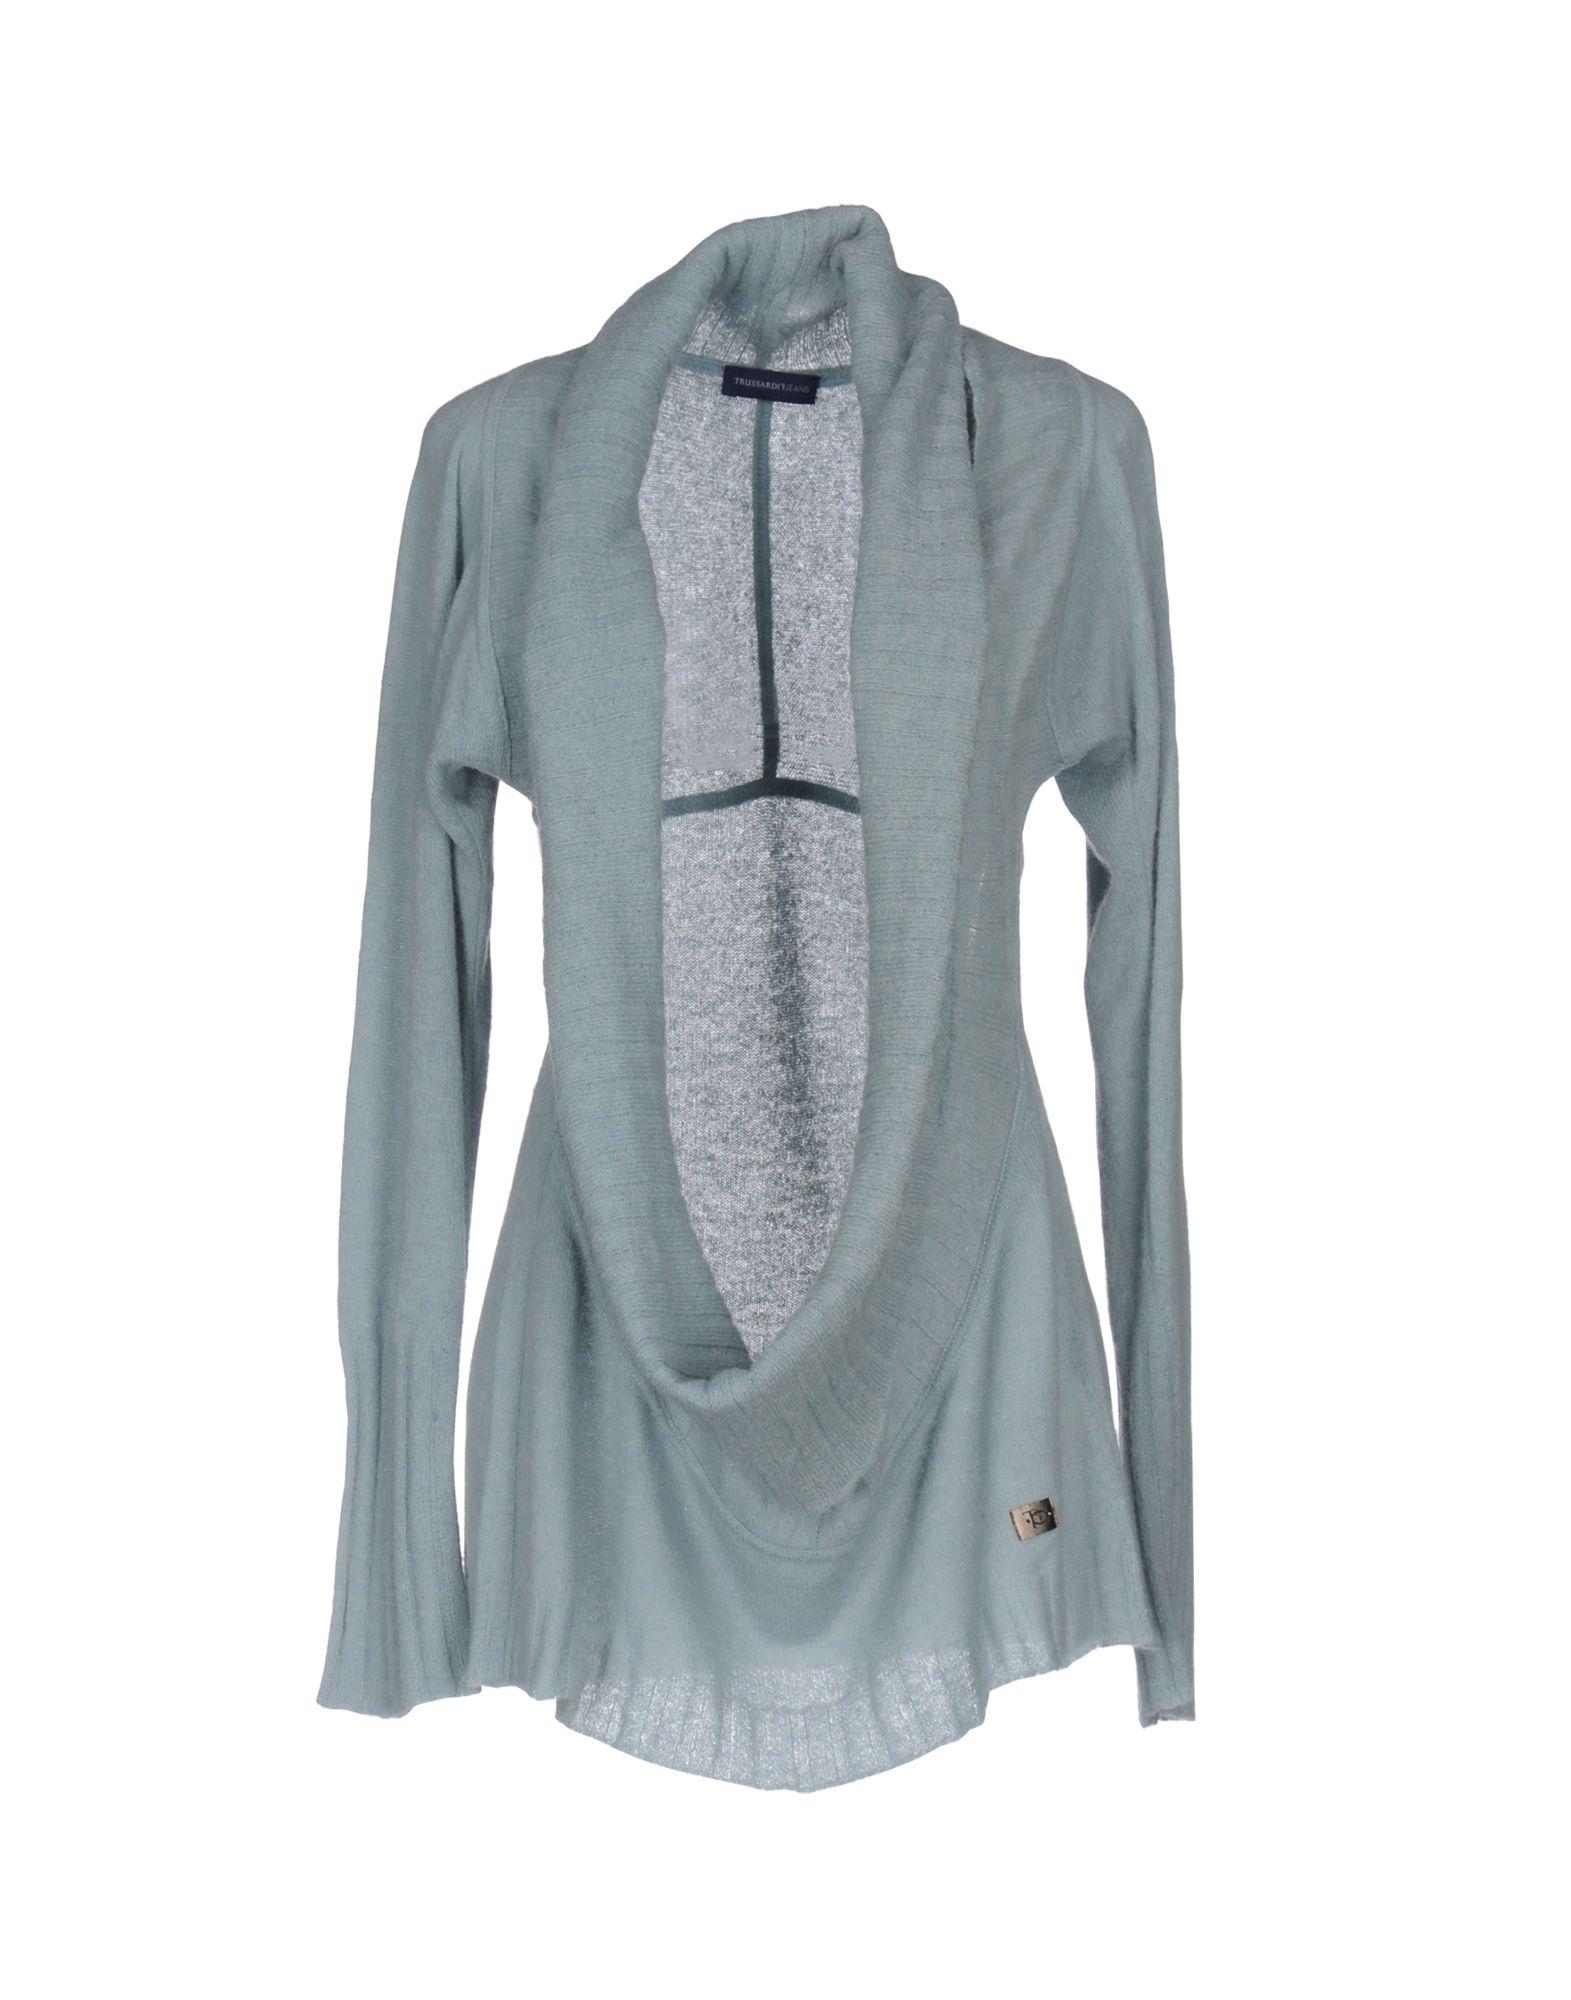 TRUSSARDI JEANS Damen Pullover Farbe Himmelblau Größe 6 jetztbilligerkaufen